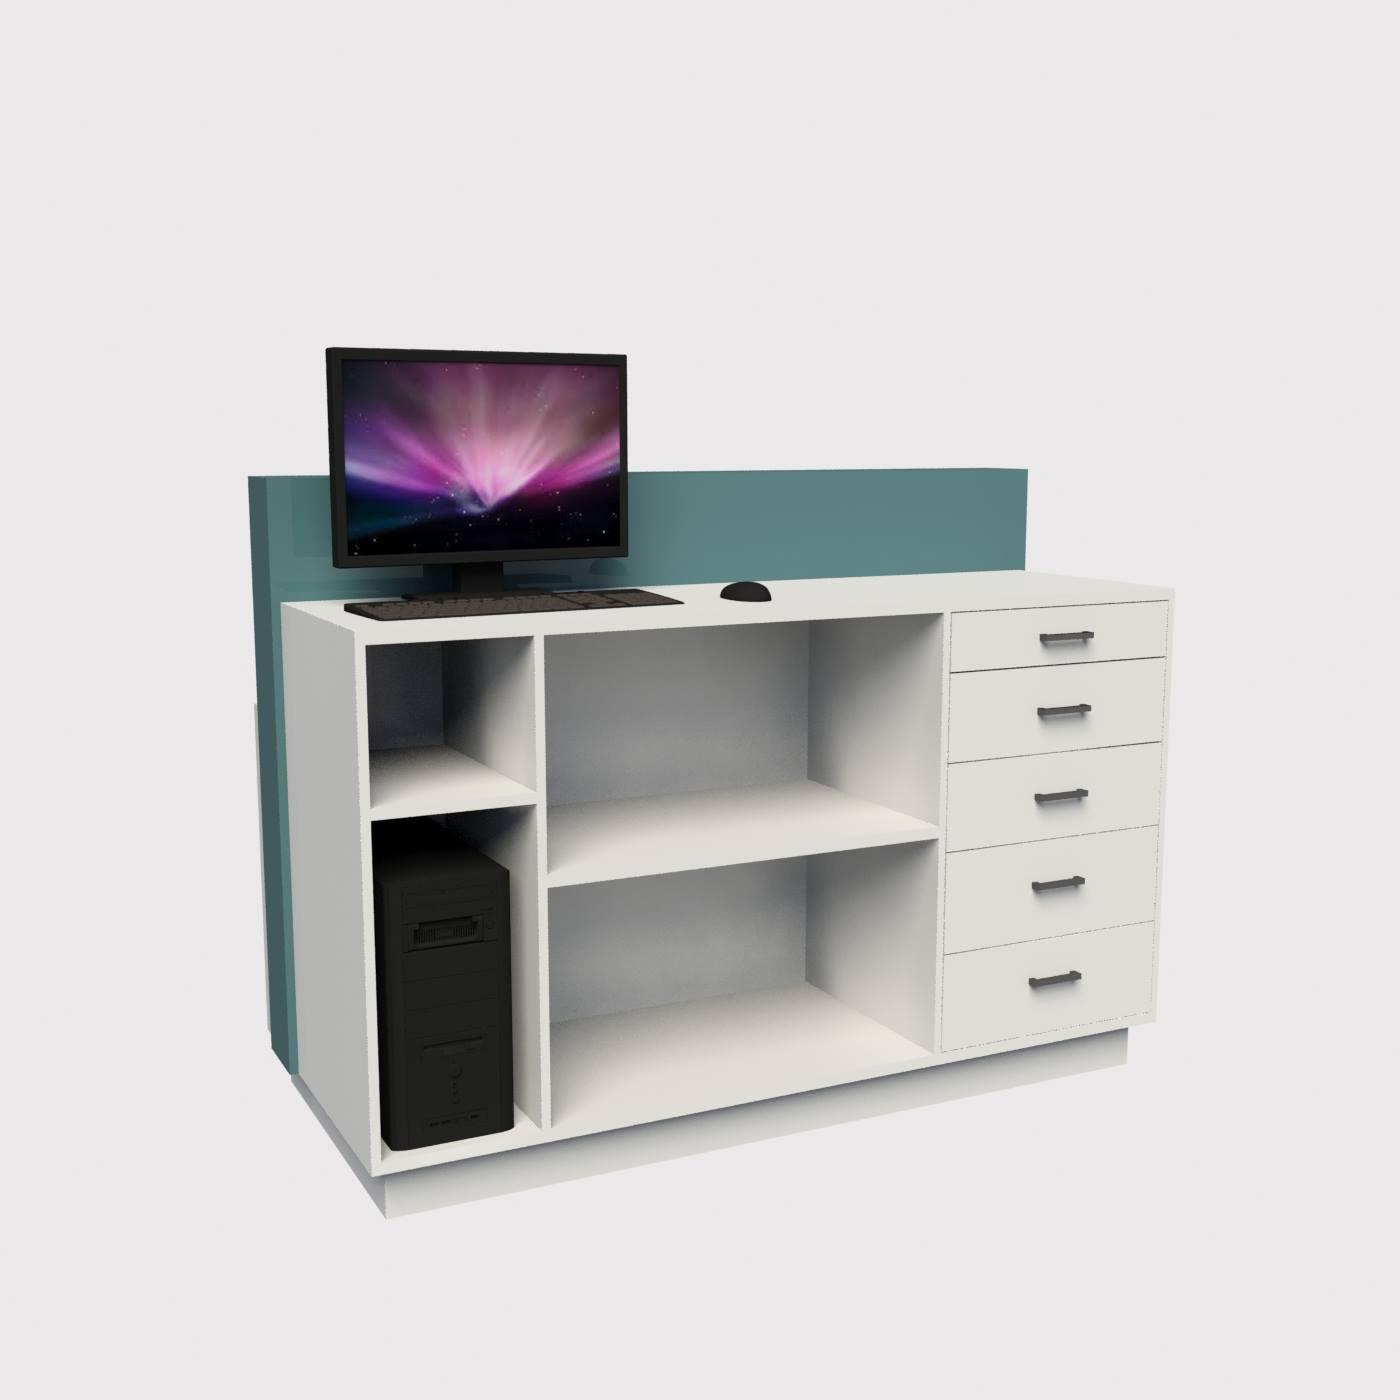 Πάγκος καταστήματος με συρτάρια ράφια και θέση για ηλεκτρονικό υποογιστή